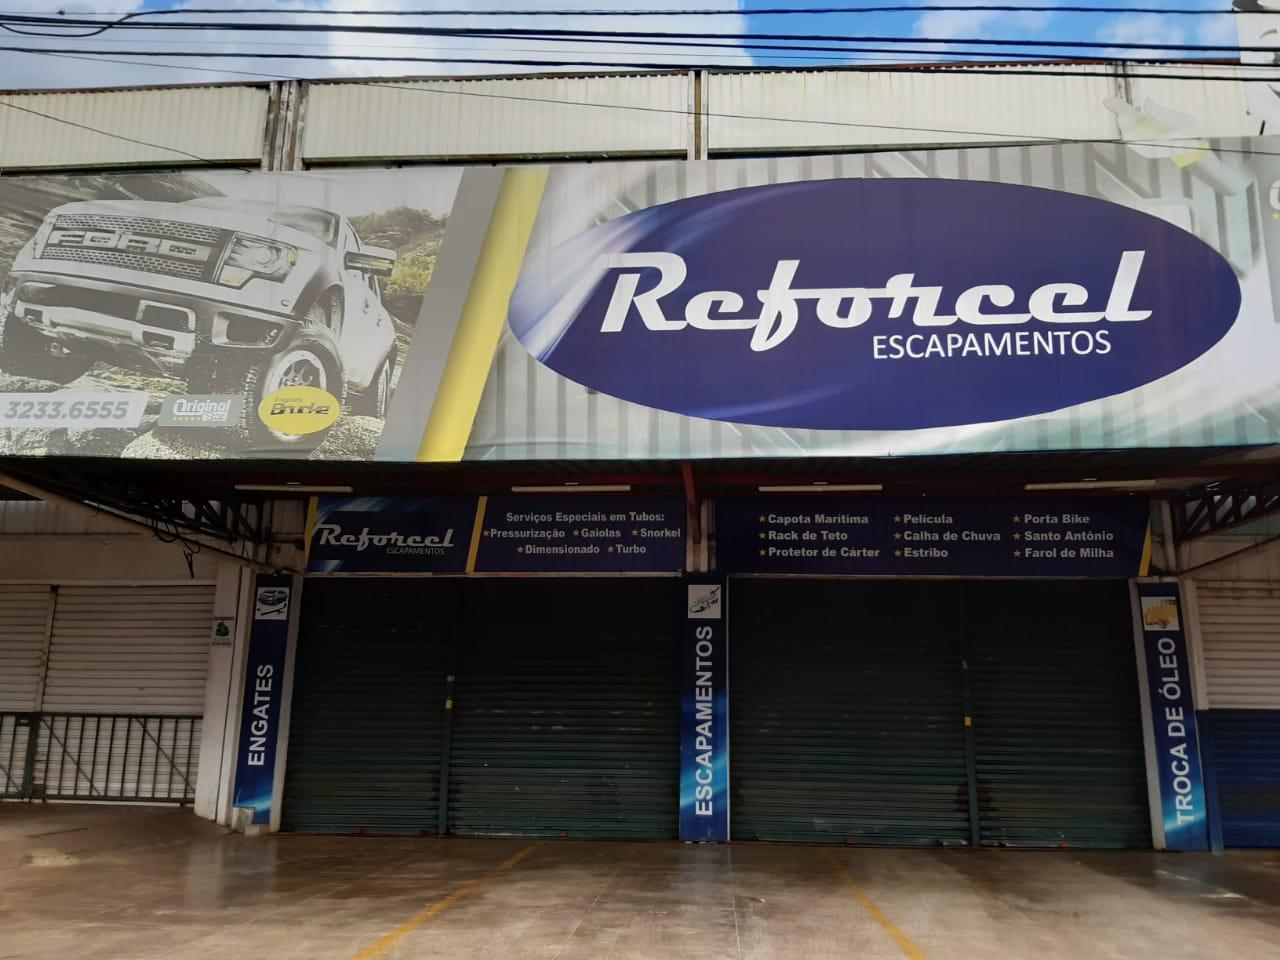 Reforcel Escapamentos, SIA Trecho 5, Comercio Brasilia